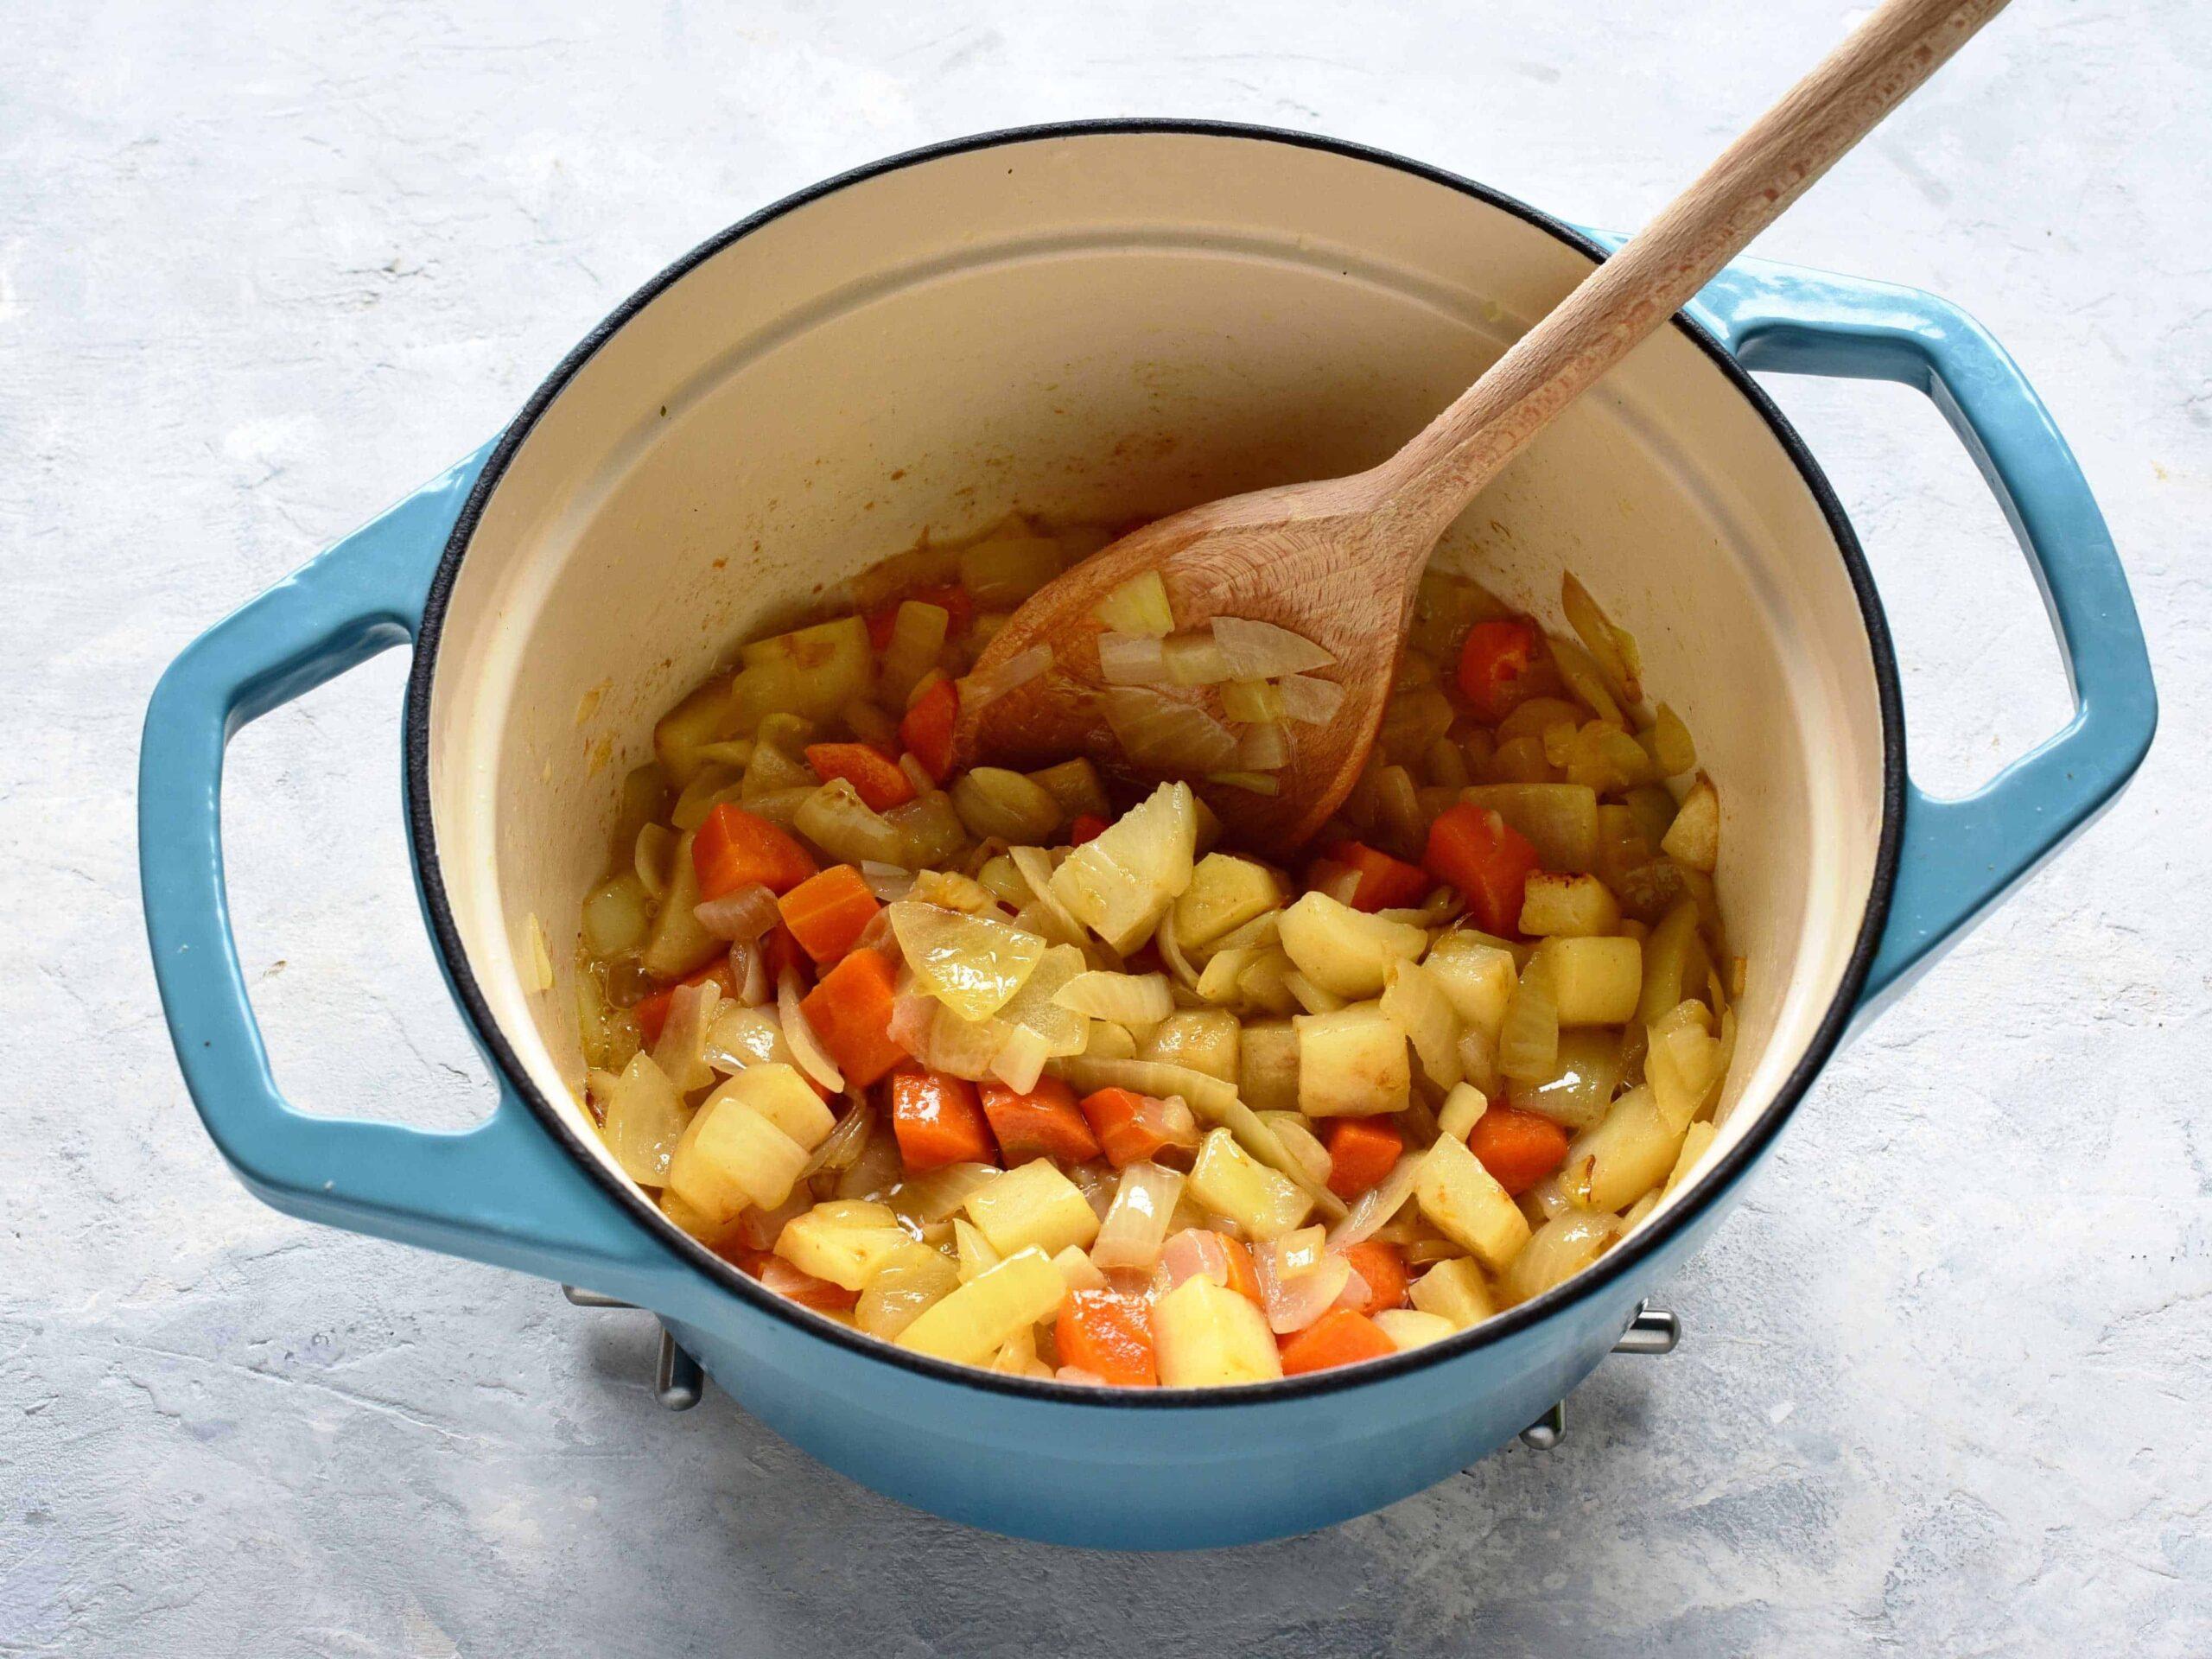 czech bramboracka preparing in a pot